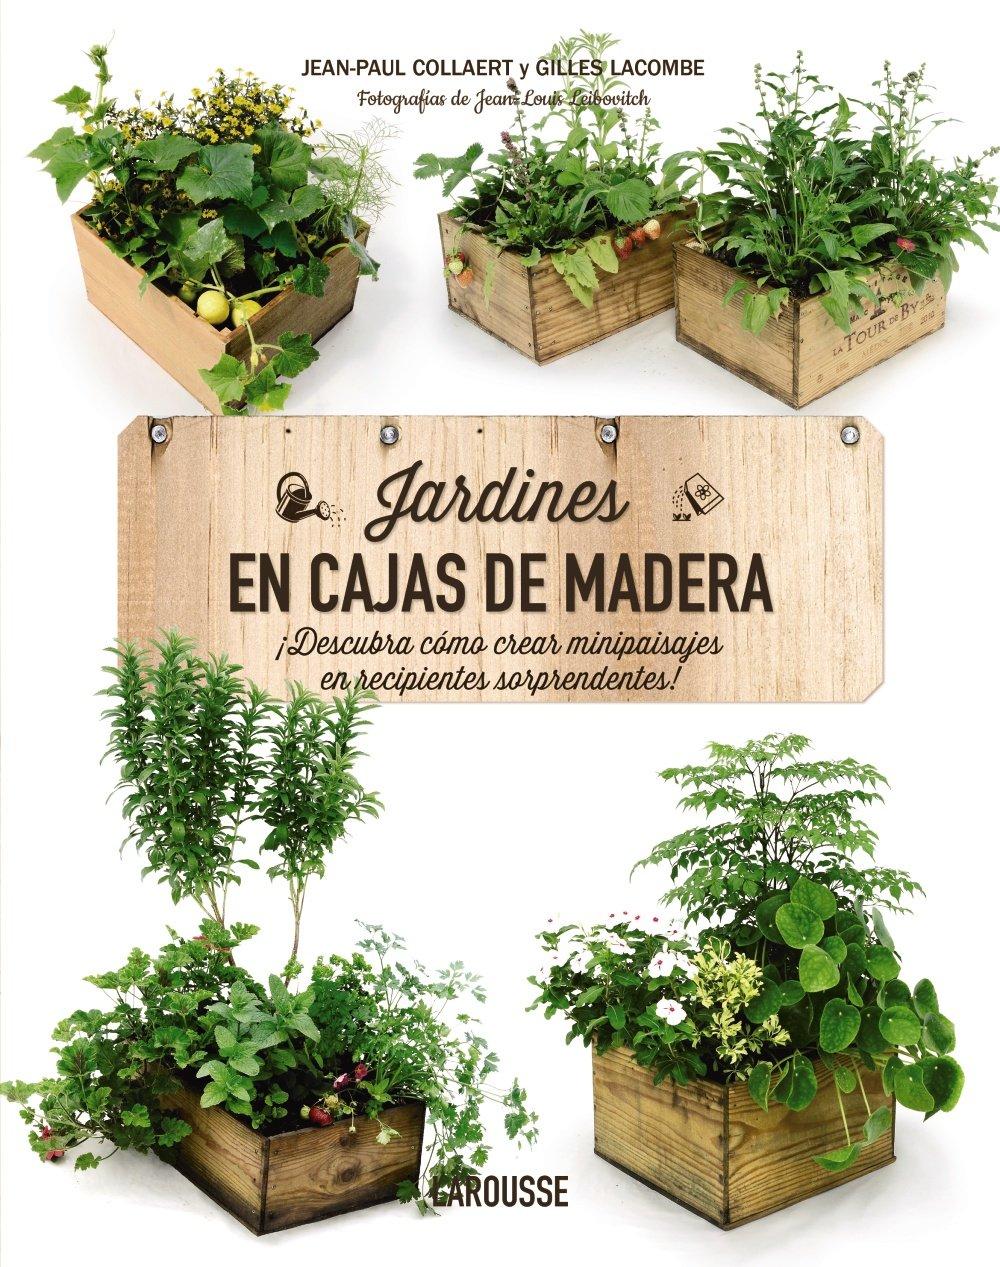 Jardines en cajas de madera (Larousse - Libros Ilustrados/ Prácticos - Ocio Y Naturaleza - JardinerÃa) (Spanish) Hardcover – 2014